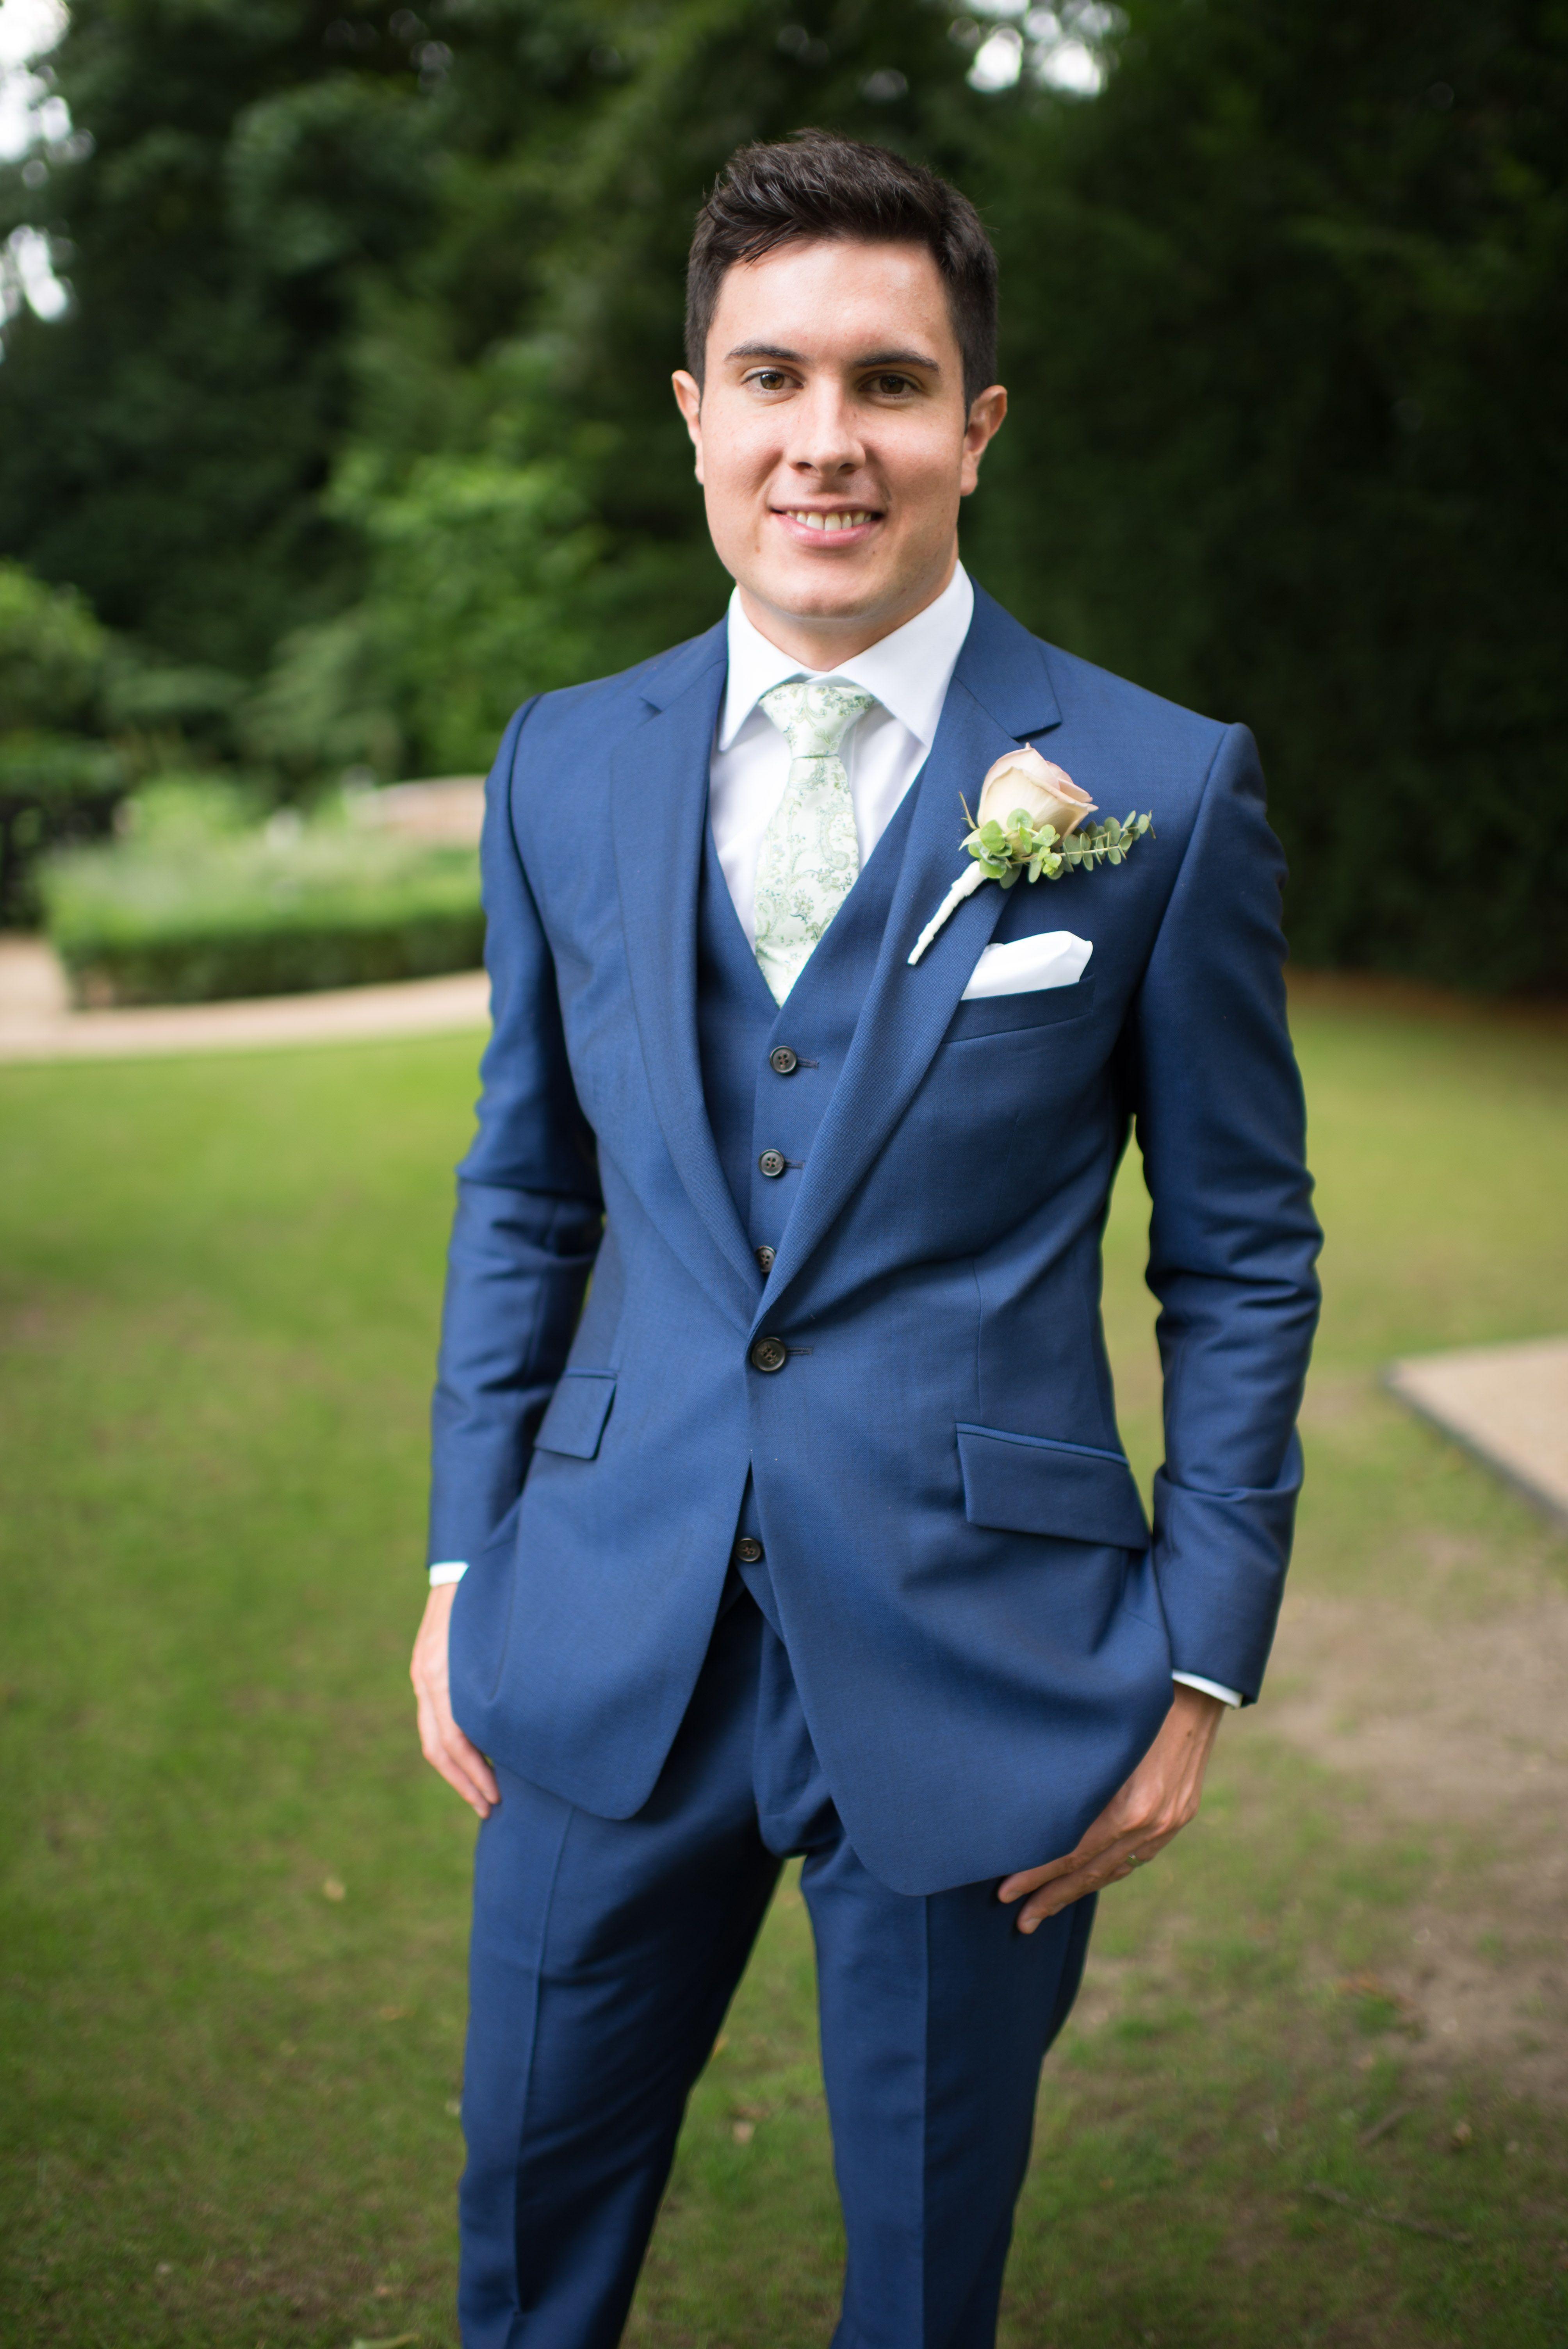 Groom Portrait Wedding Blue Suit Green Tie 3 Piece